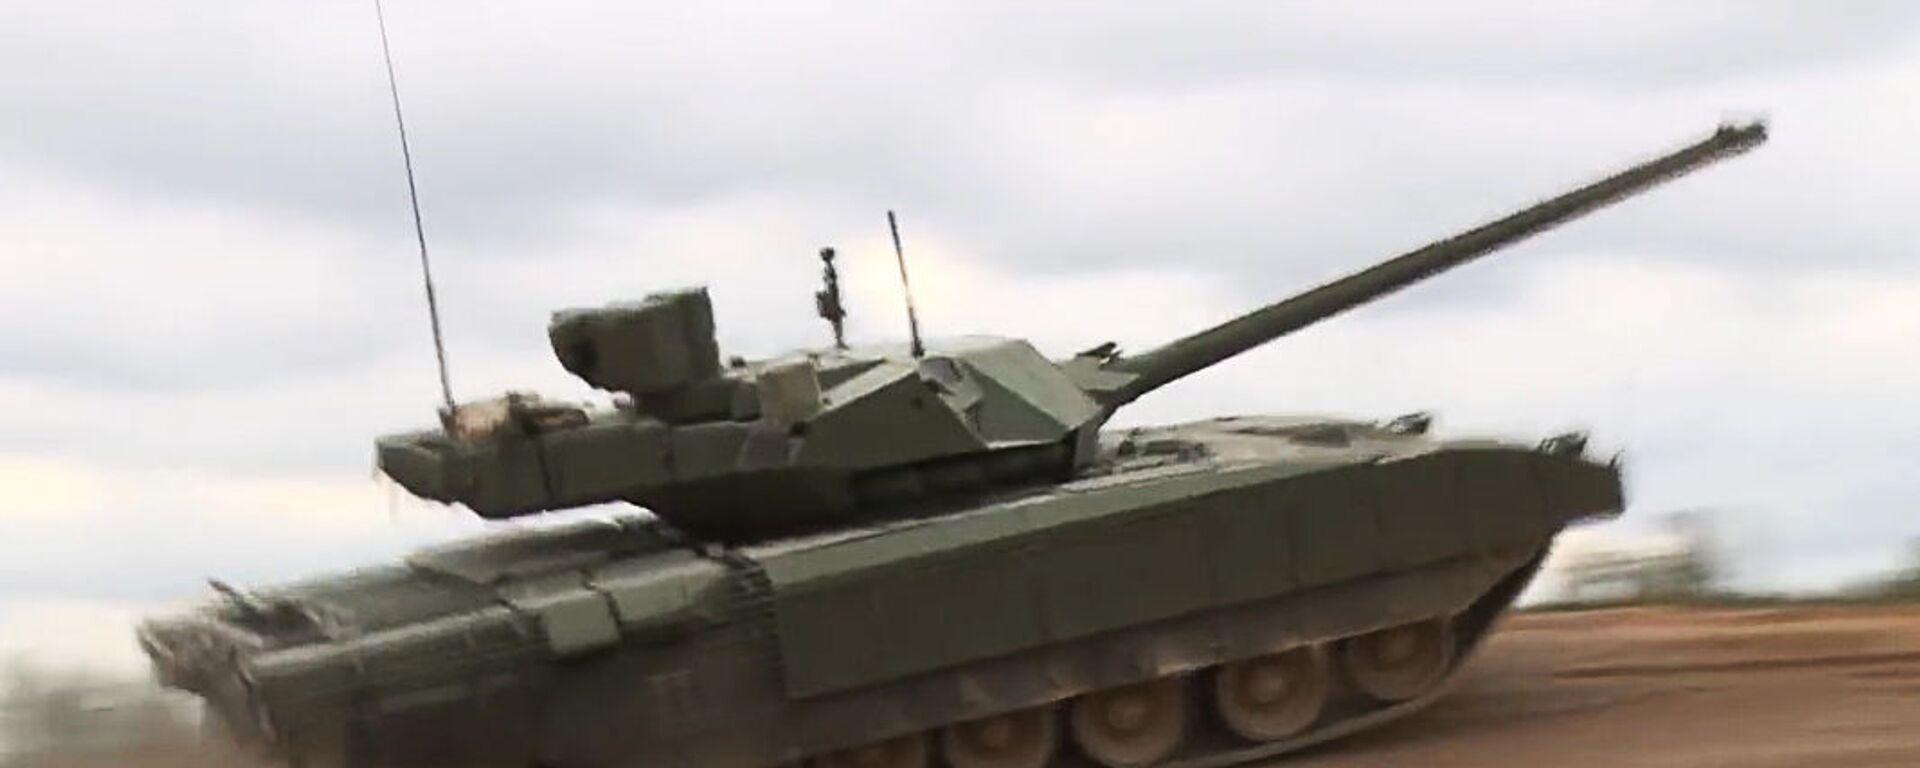 Tank russo T-14 Armata - Sputnik Italia, 1920, 23.05.2021